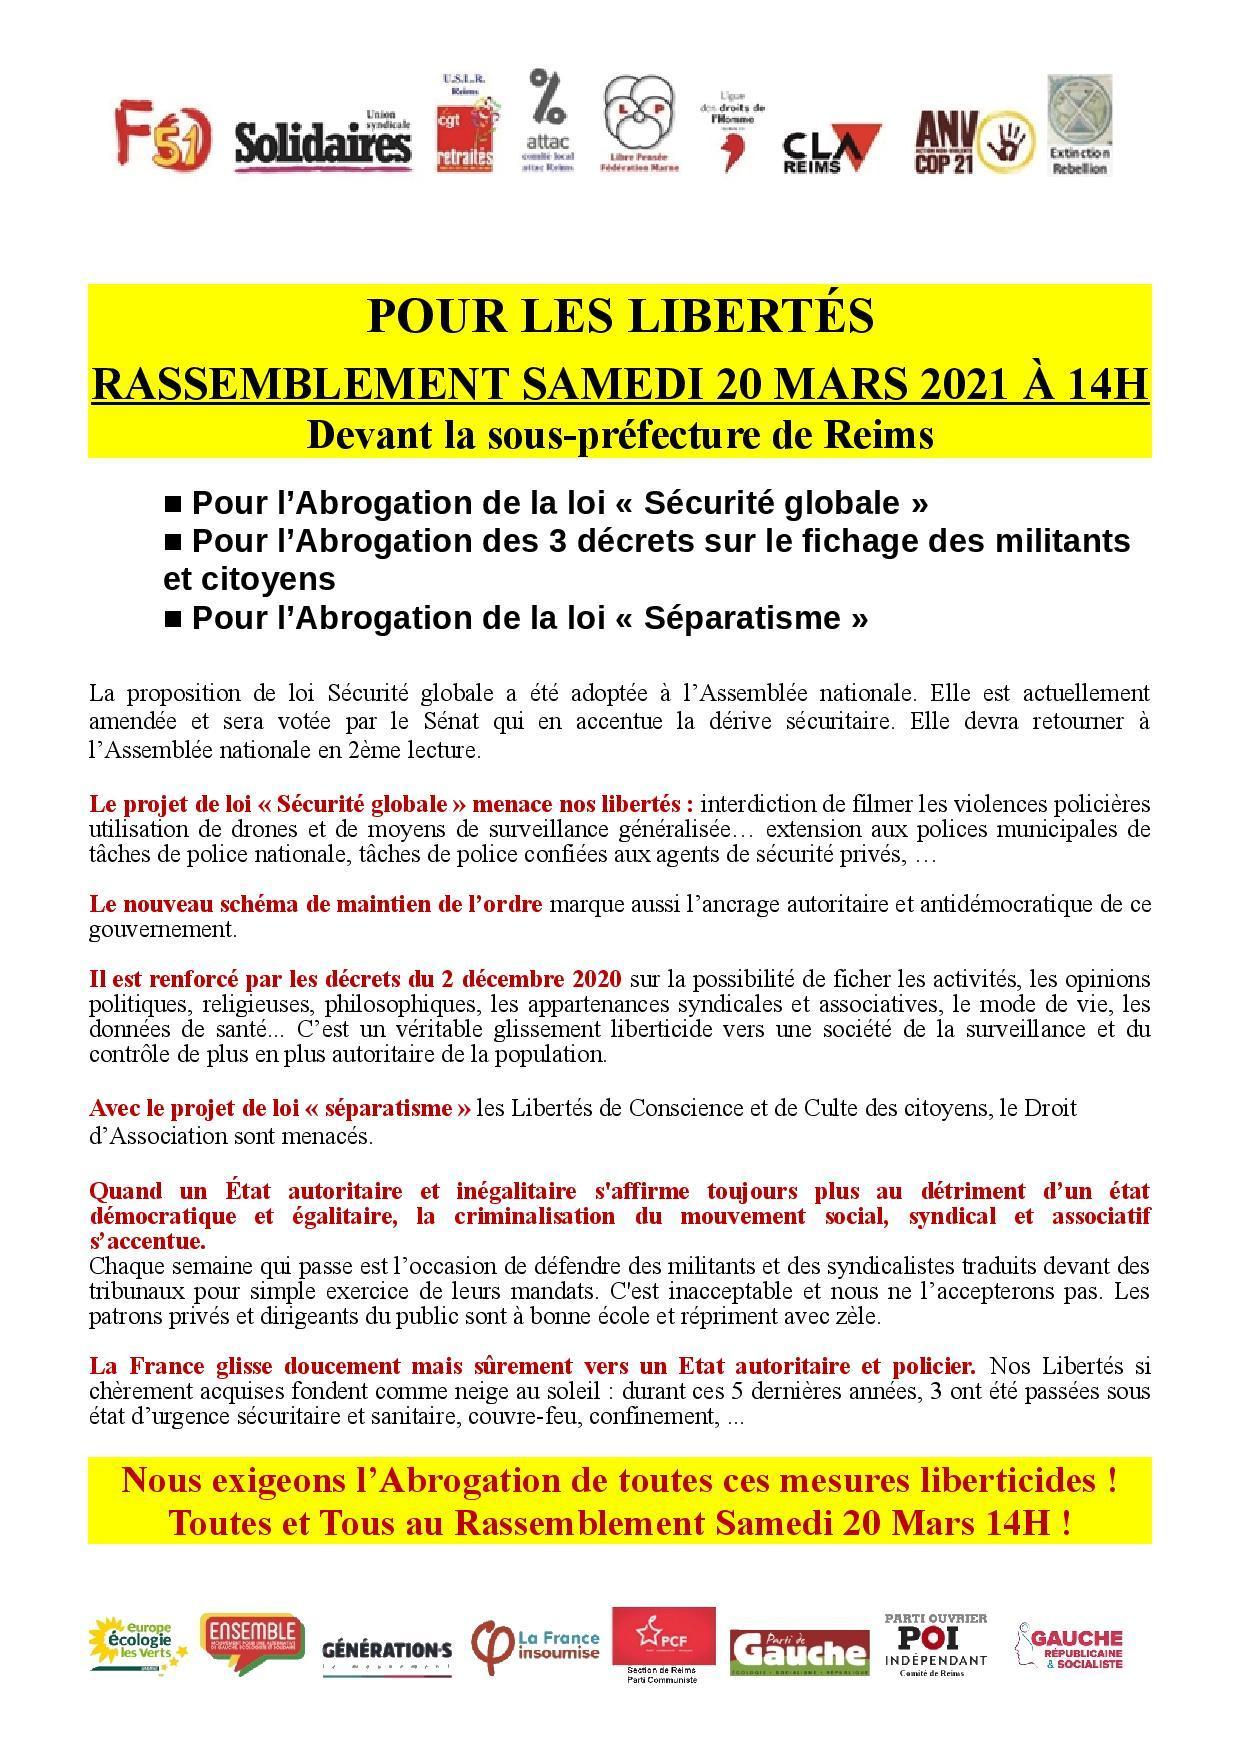 Tract rassemblement 20 mars 2021 14h de fense liberte s devant sous pref reims de finitif 4 page 001